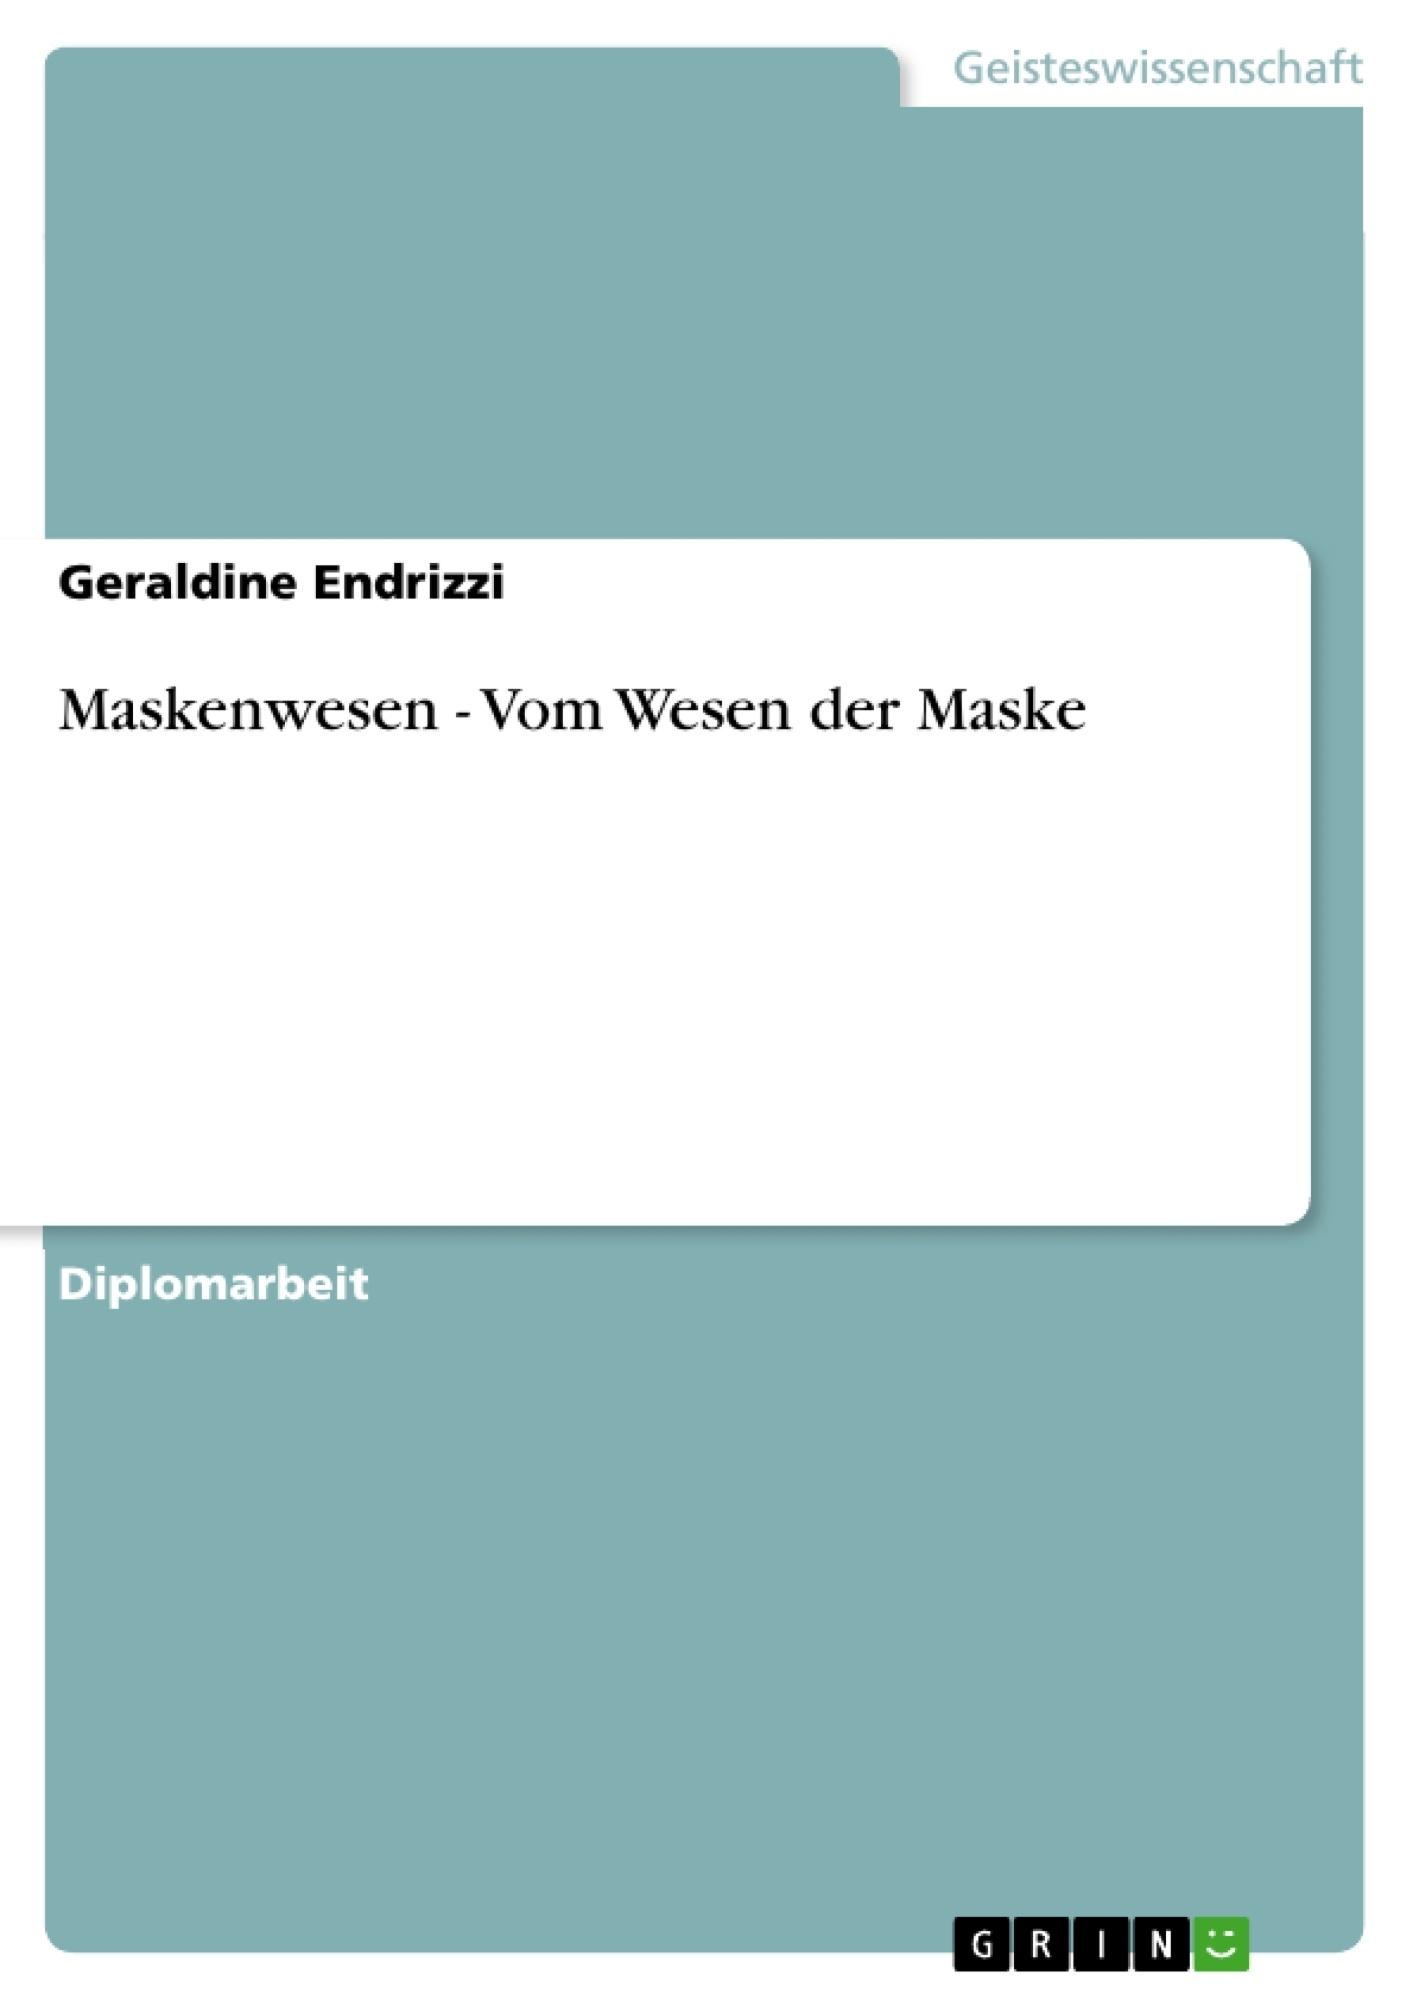 Titel: Maskenwesen - Vom Wesen der Maske